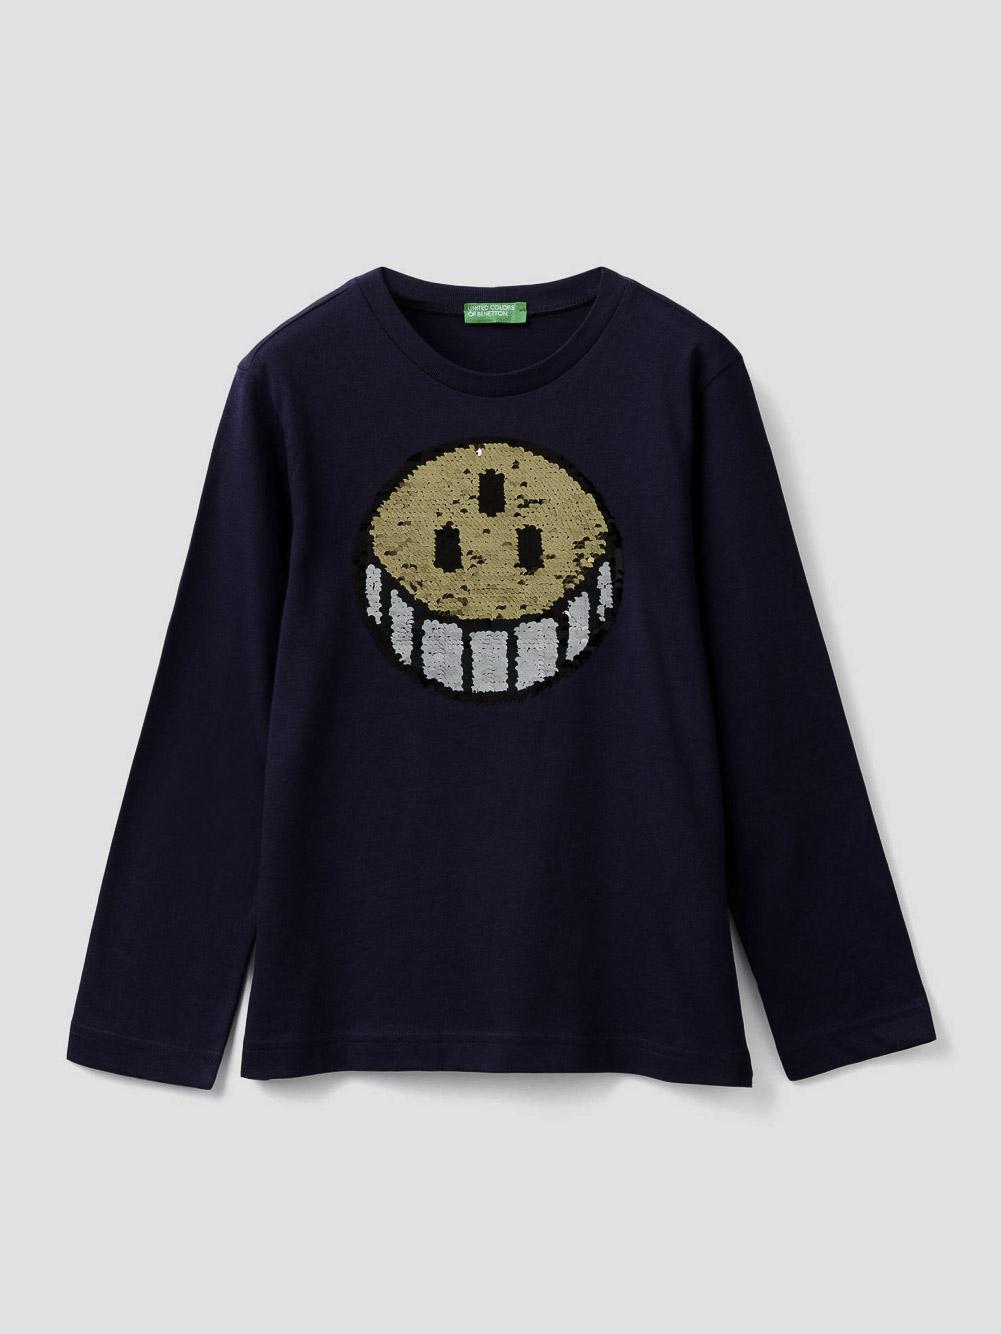 012 BENETTON T-shirt με παγιέτες δυο όψεων 3096C14QL 20A252